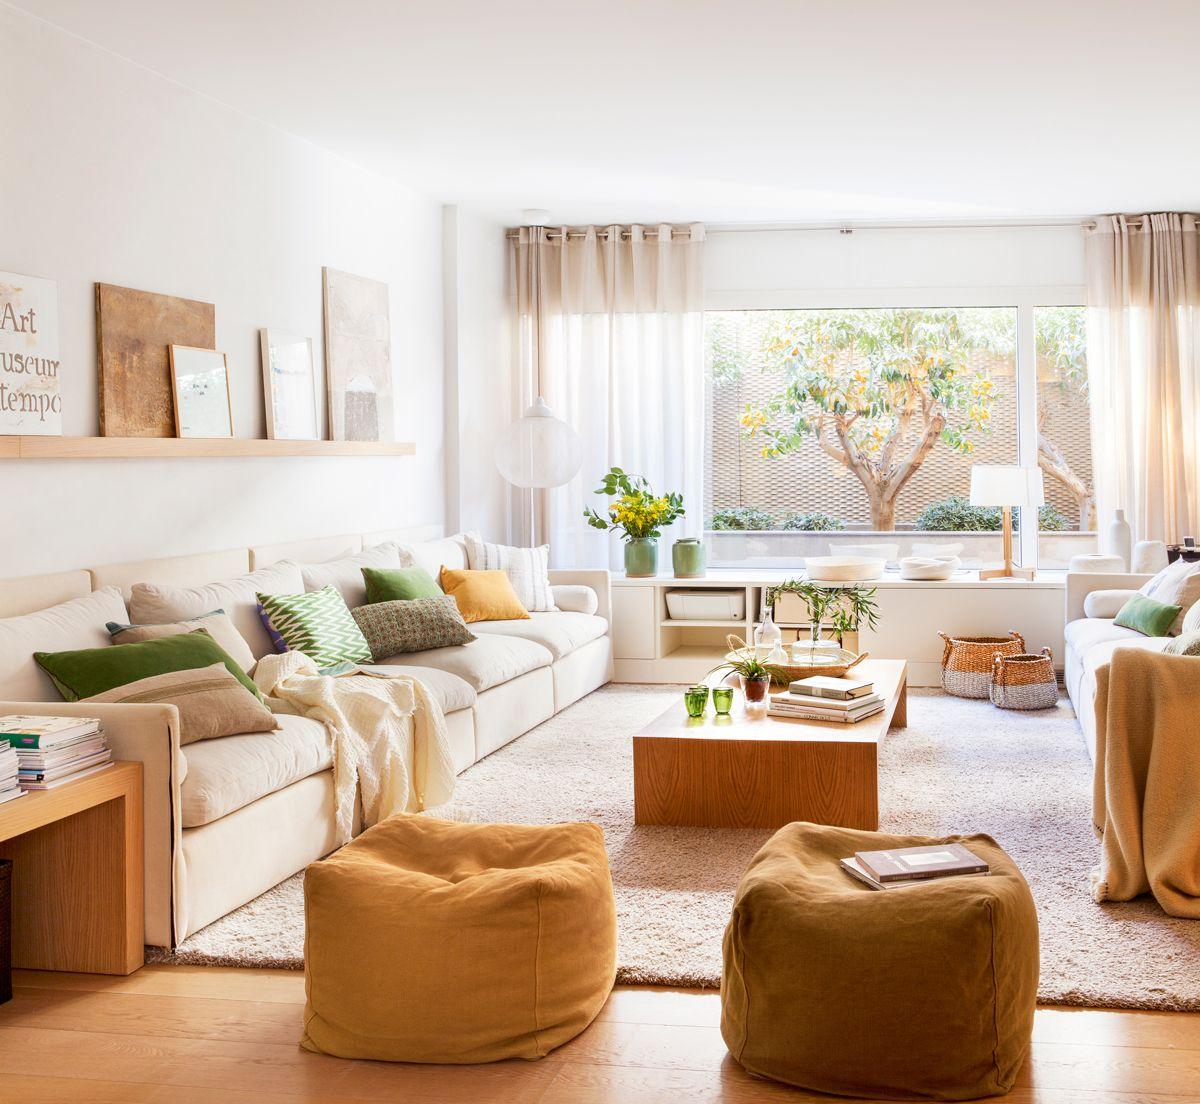 Saln con sofs claros pufs de color tierra y ocre alfombra clara